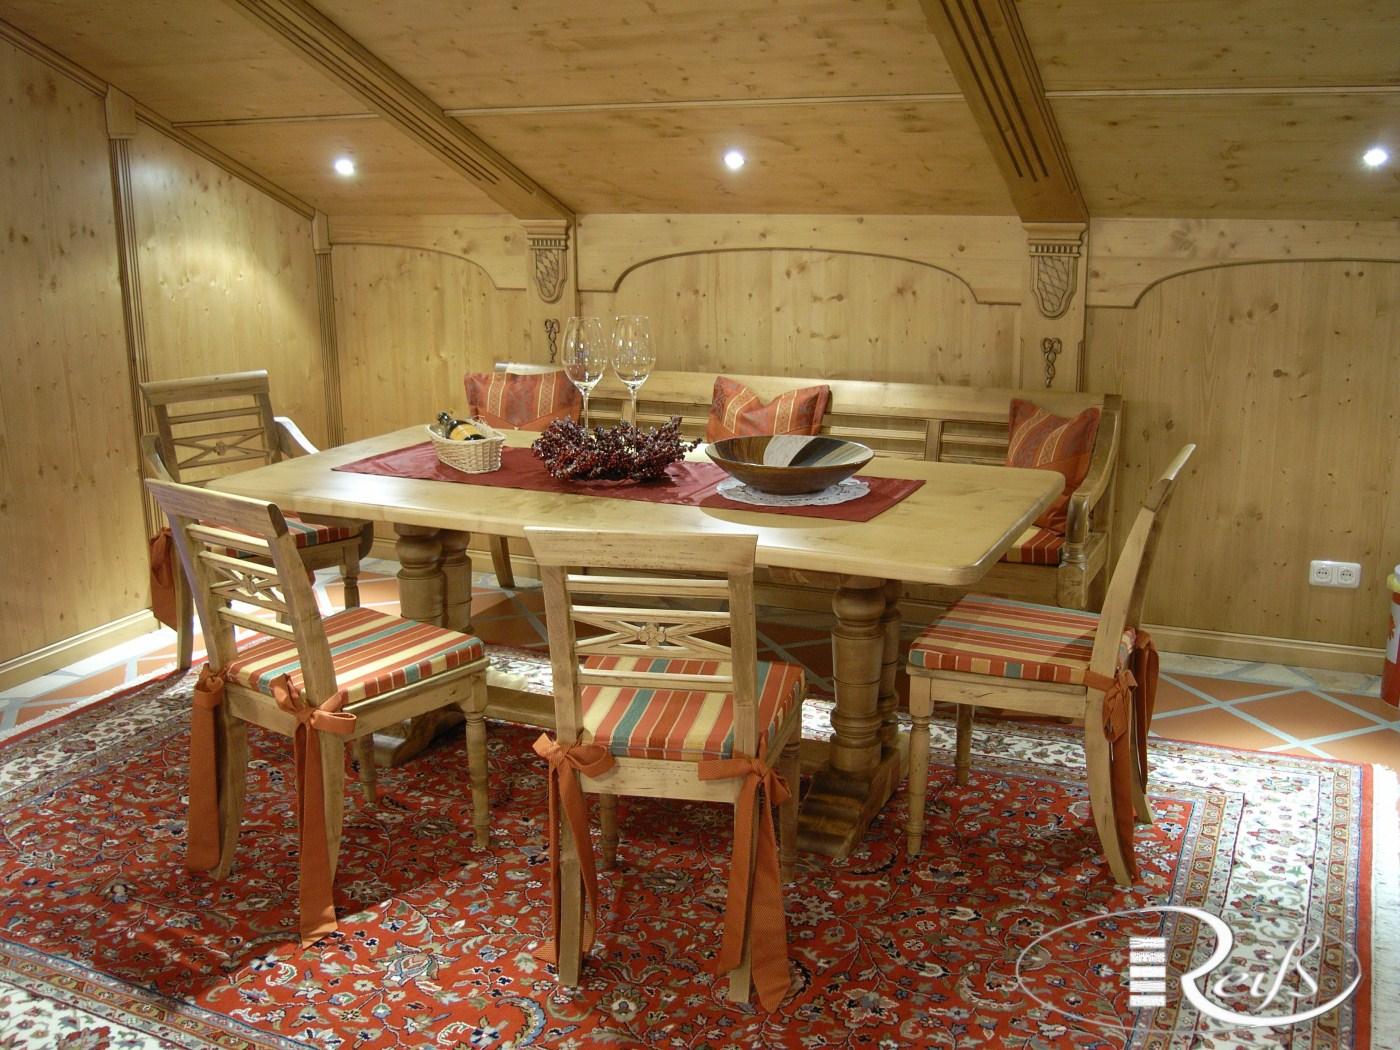 rei meisterwerkst tte f r m bel holzdesign. Black Bedroom Furniture Sets. Home Design Ideas